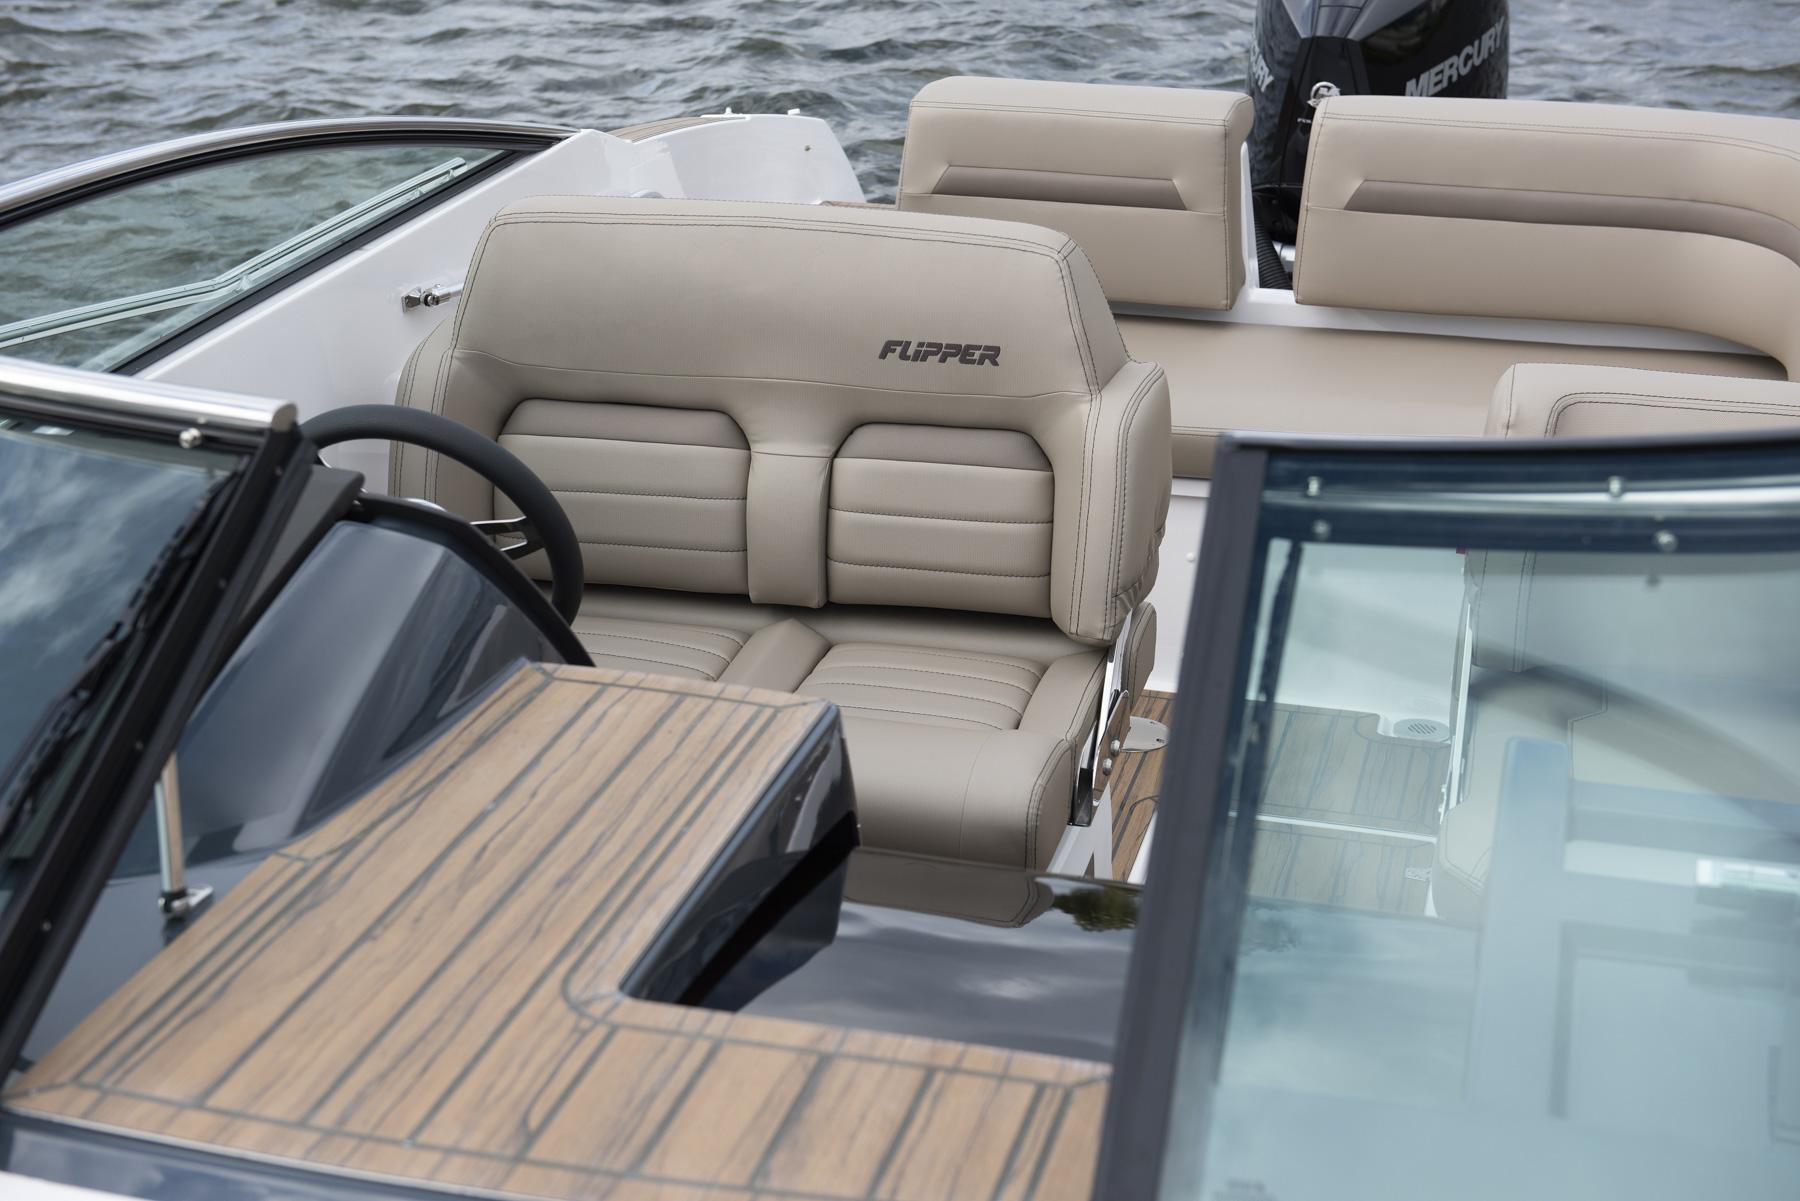 Flipper 700 Day Cruiser cockpit view